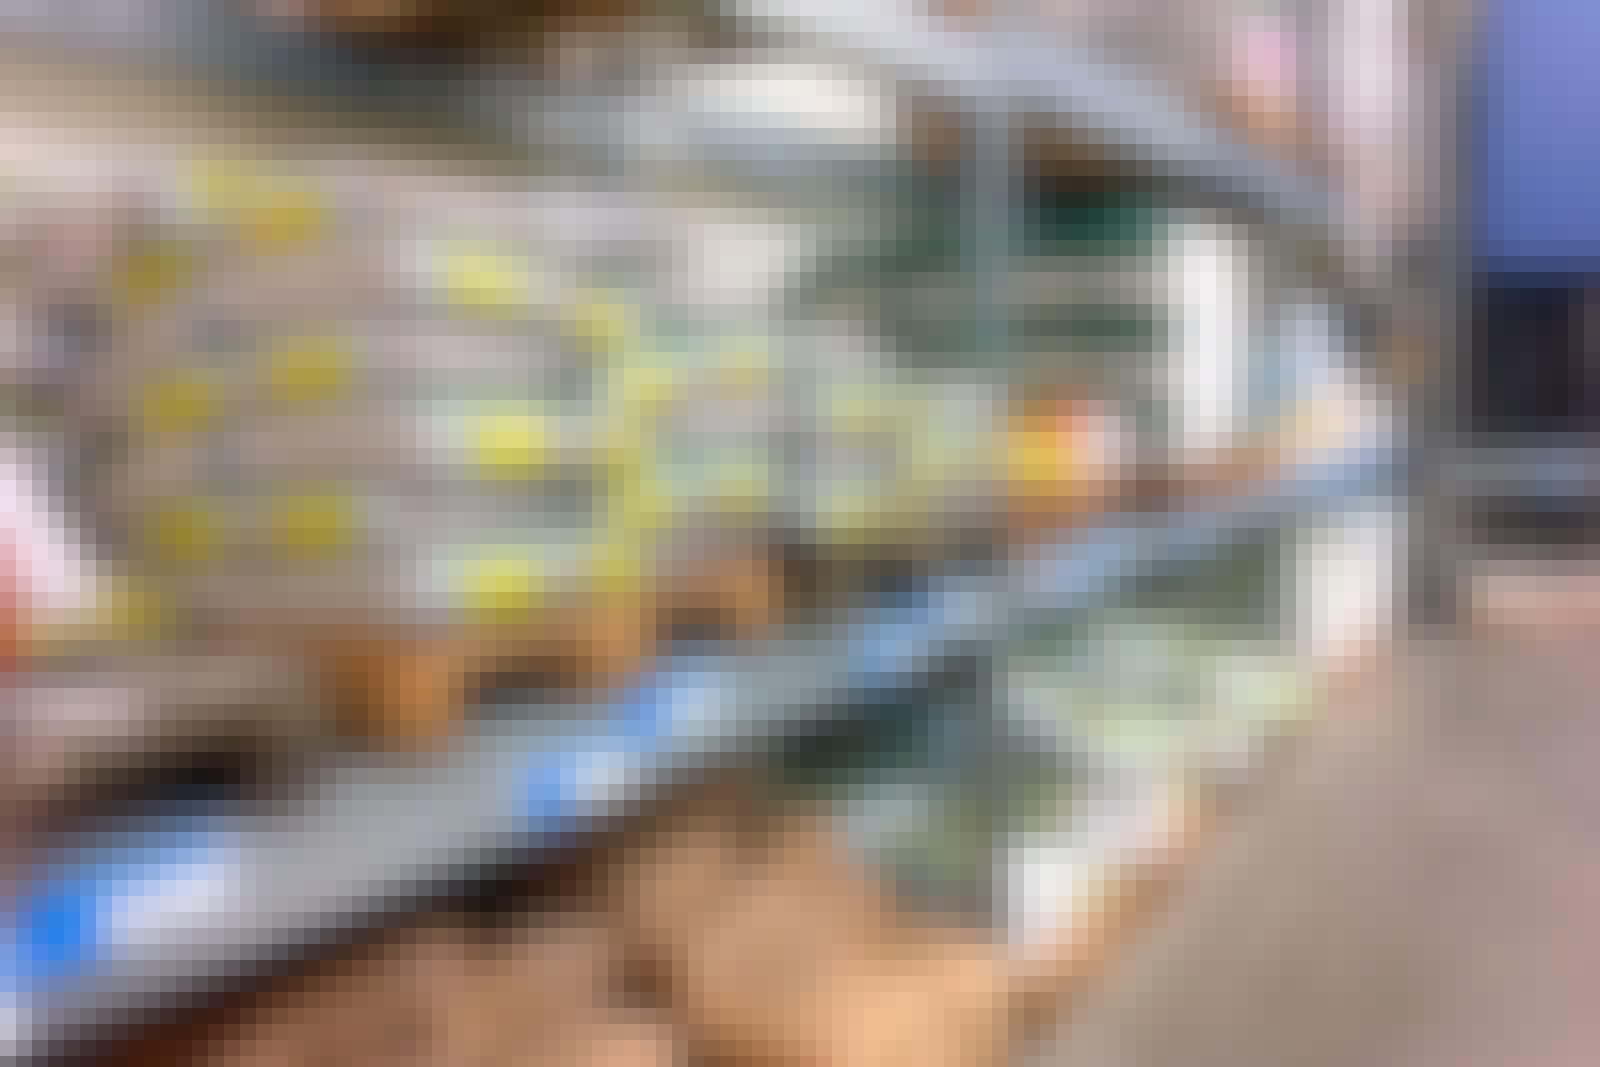 Færdigblandet pudsemørtel: Byggemarkedets hylder bugner af færdigblandet pudsemørtel - både til udendørs og indendørs brug.